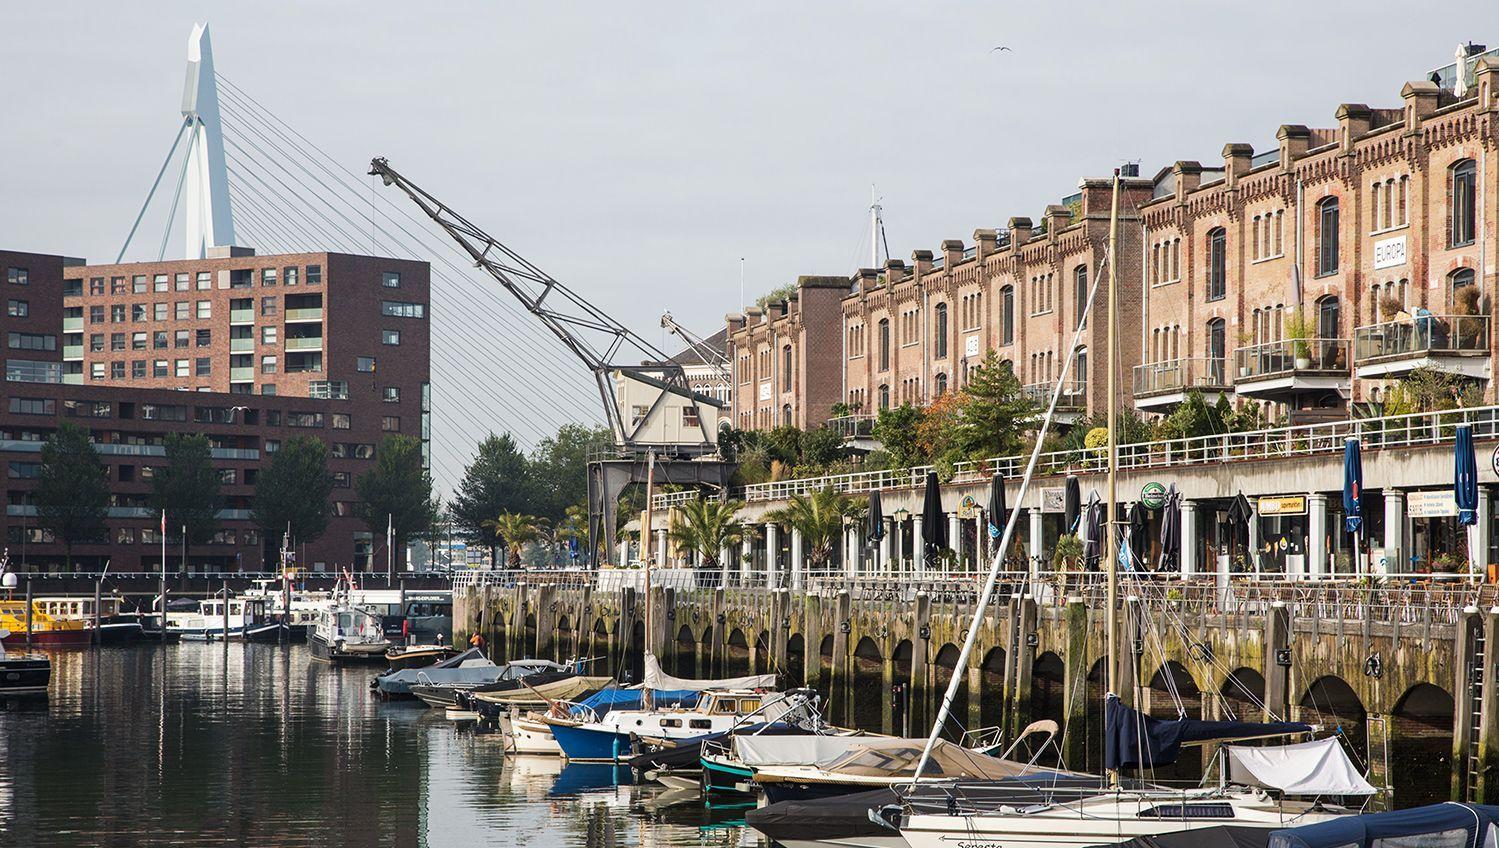 Pincoffs Best Boutique Hotel In Rotterdam Near Erasmus